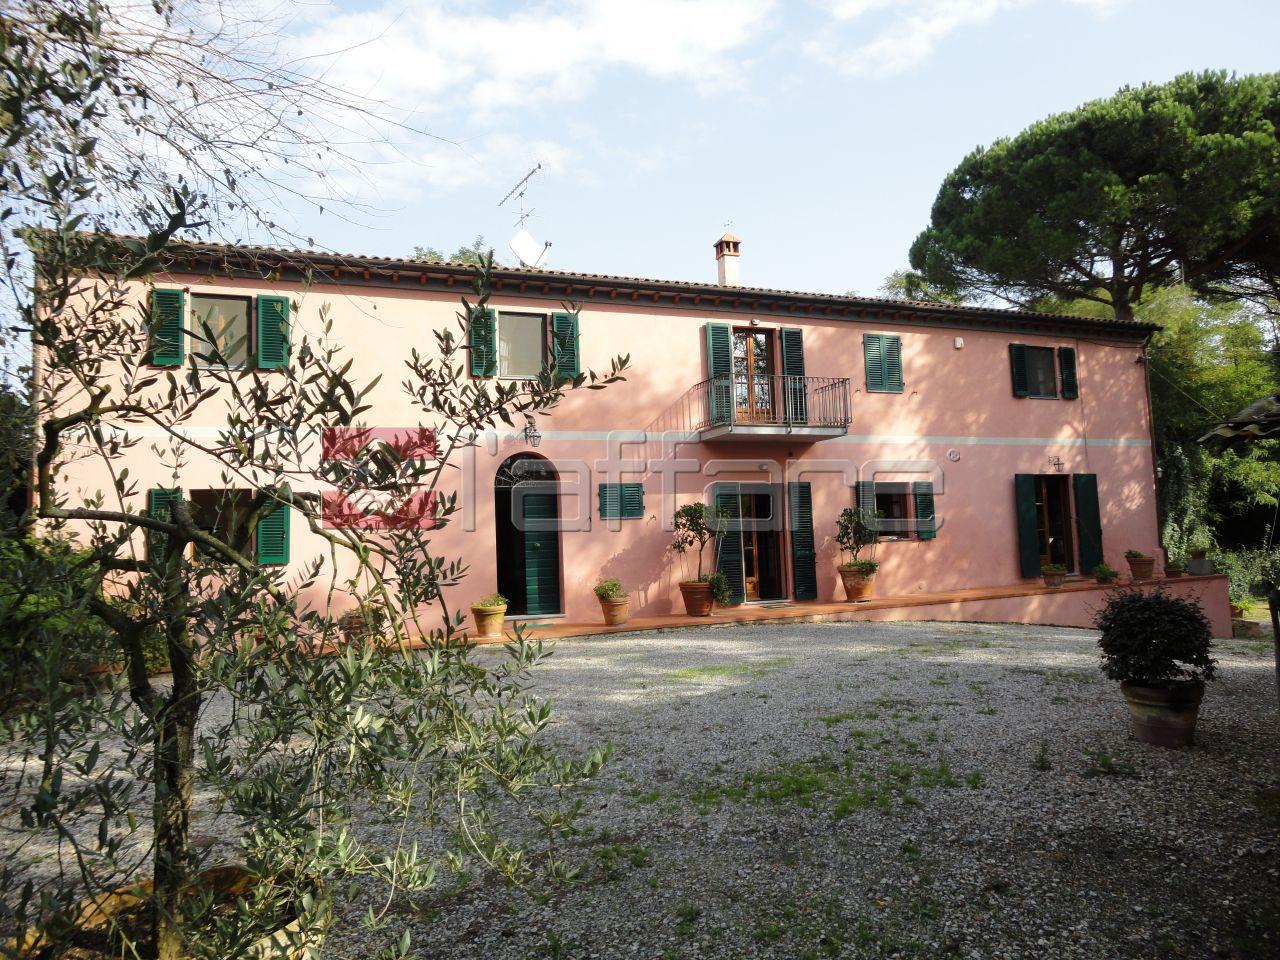 Soluzione Indipendente in vendita a Crespina Lorenzana, 10 locali, prezzo € 590.000 | CambioCasa.it